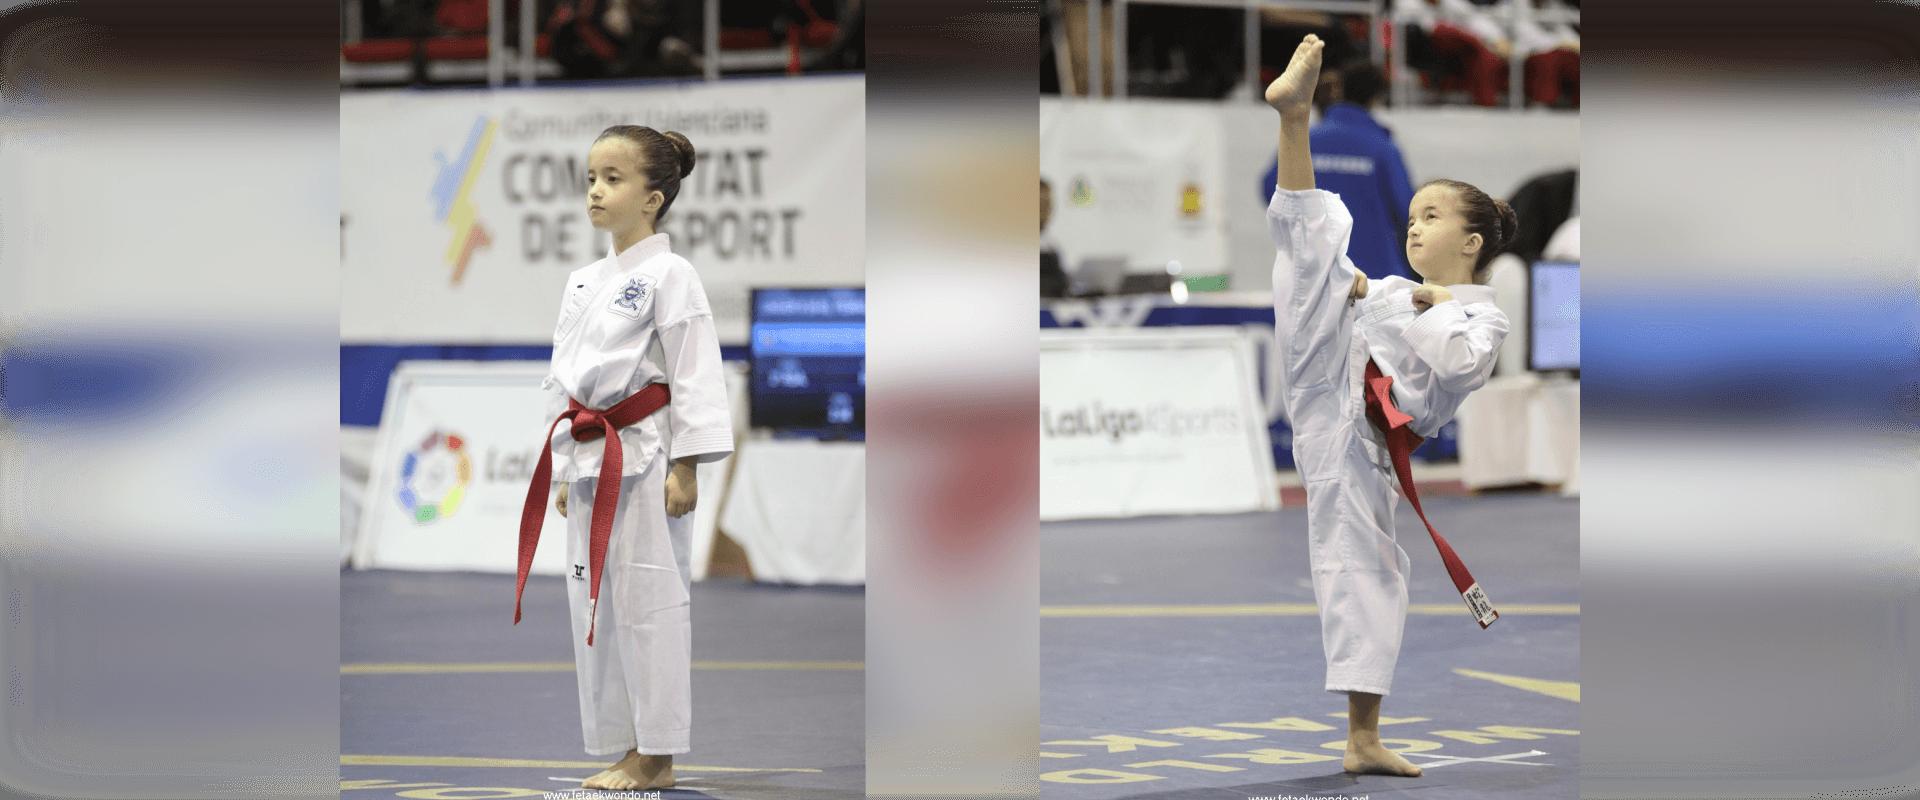 Competicion Poomsae Lucia